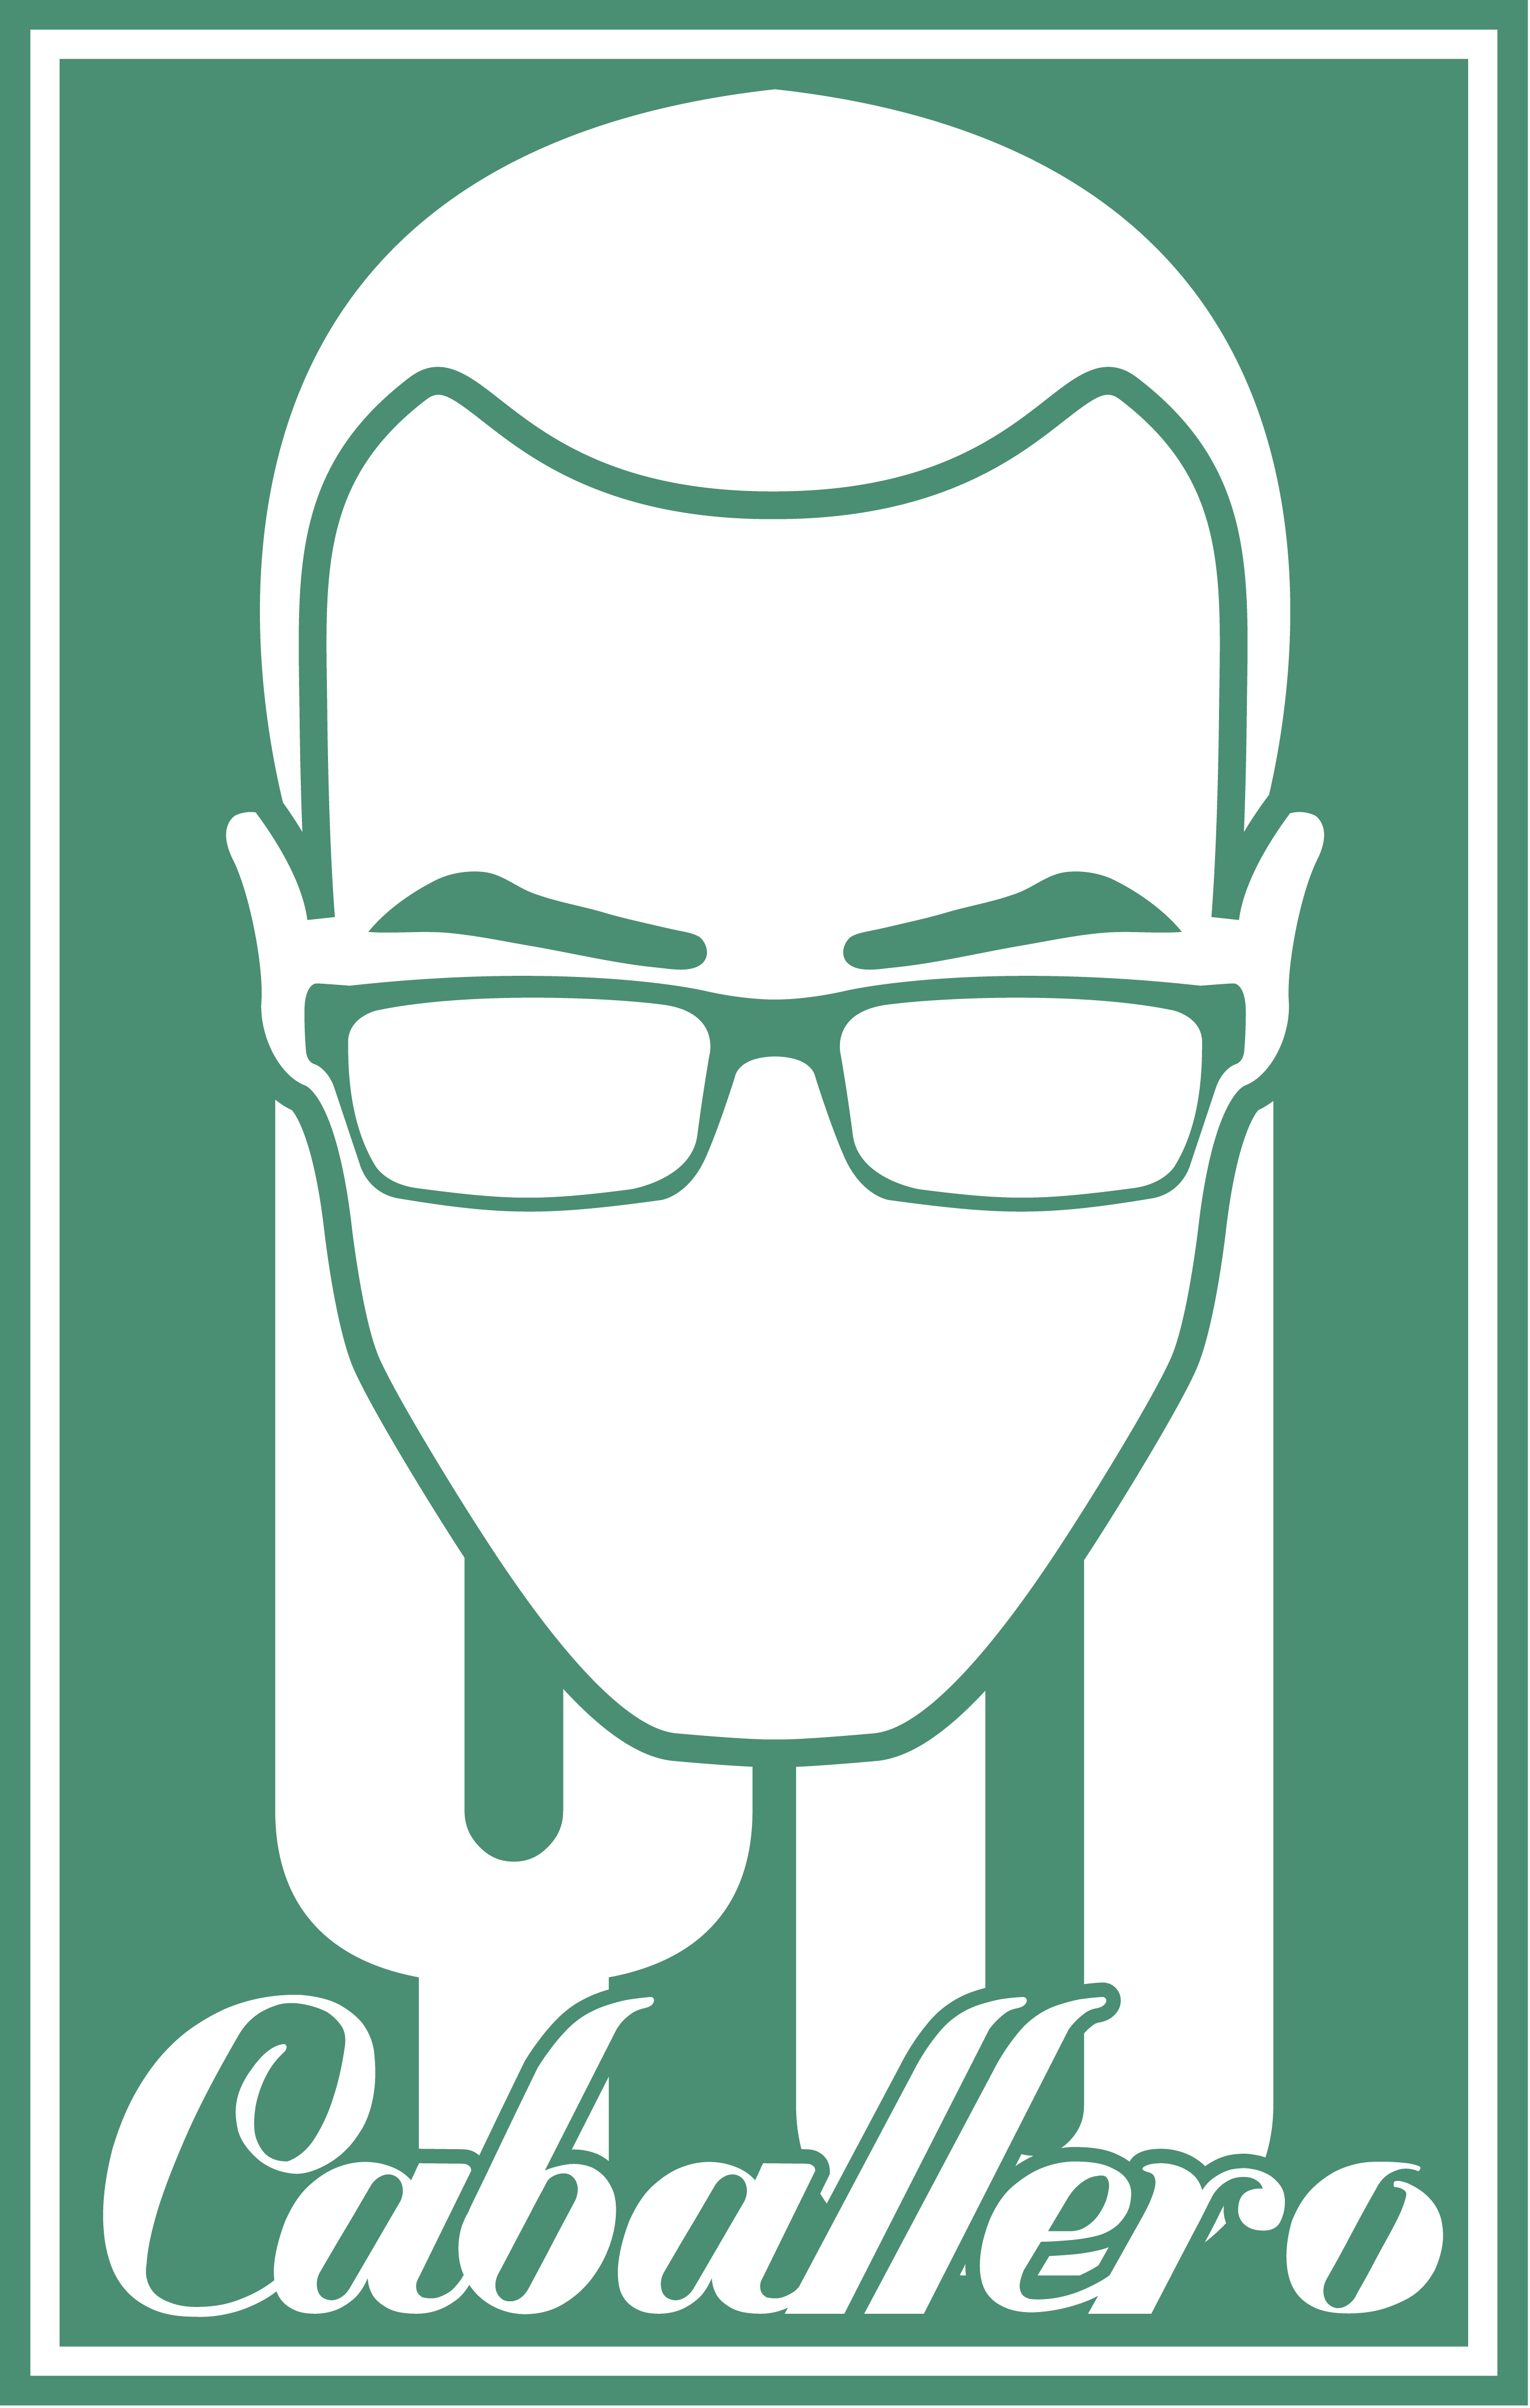 Yucaballero Shop Logo